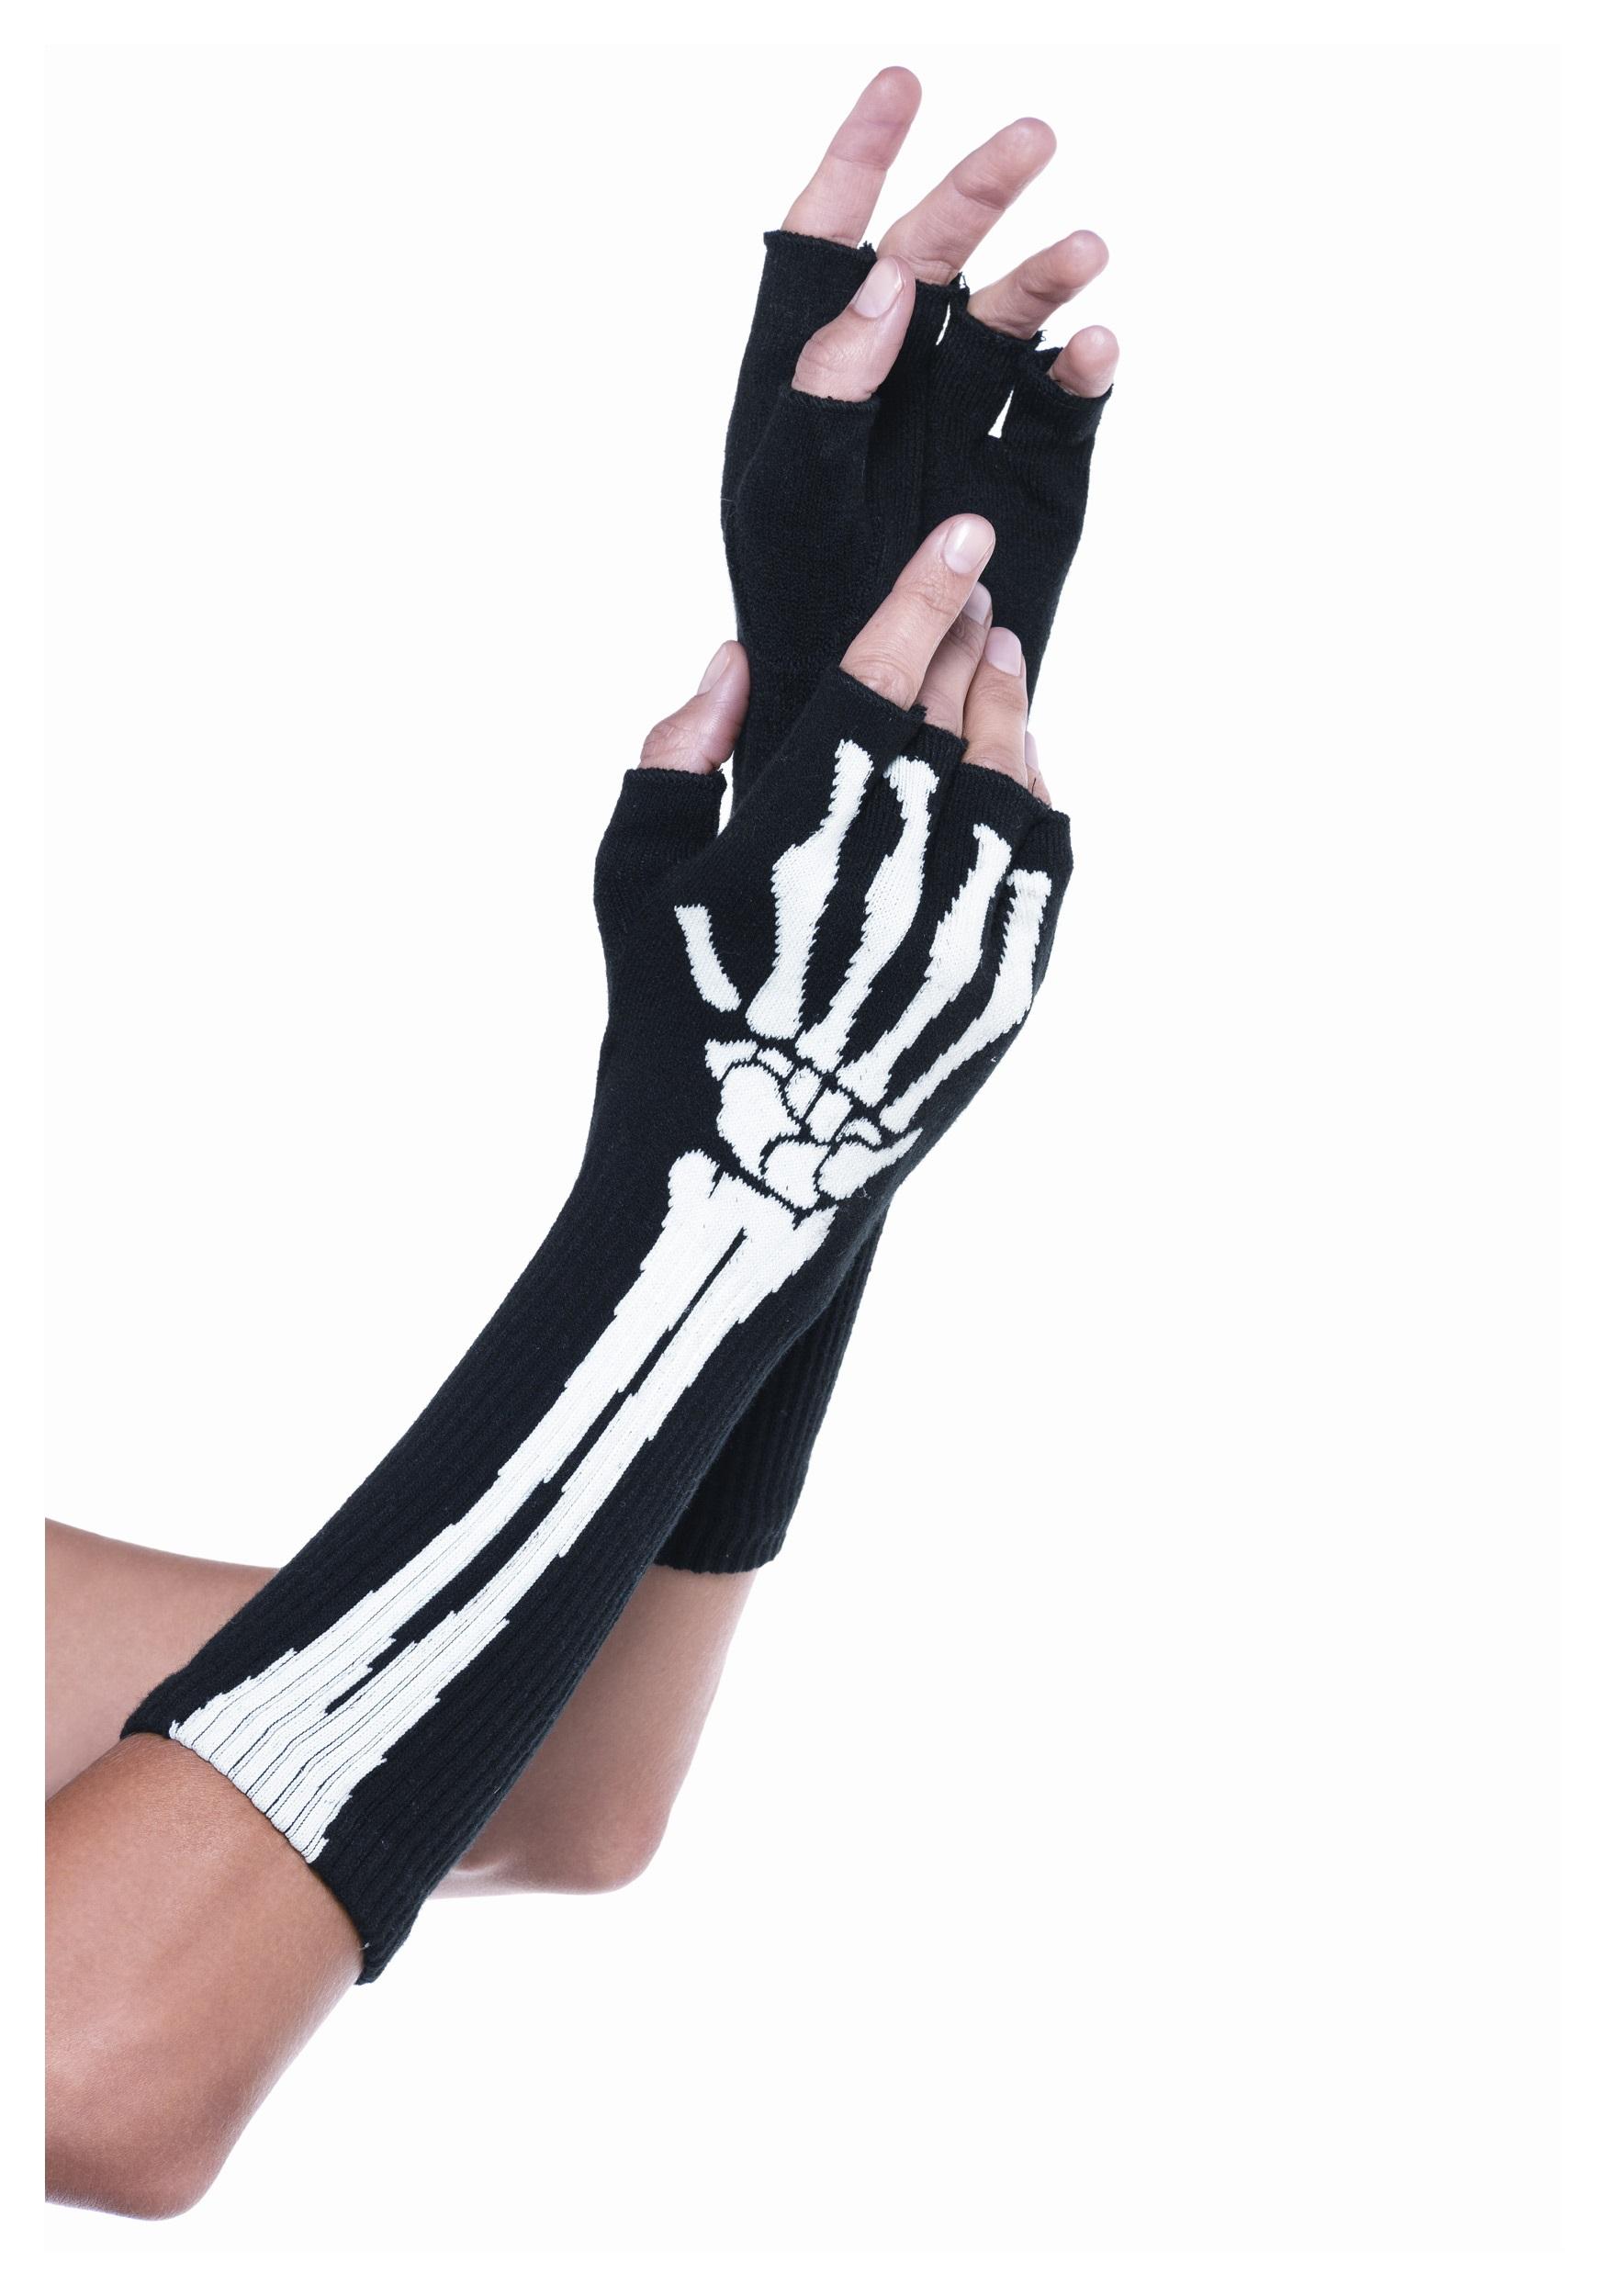 Fingerless gloves for guitarists - Skeleton Fingerless Gloves